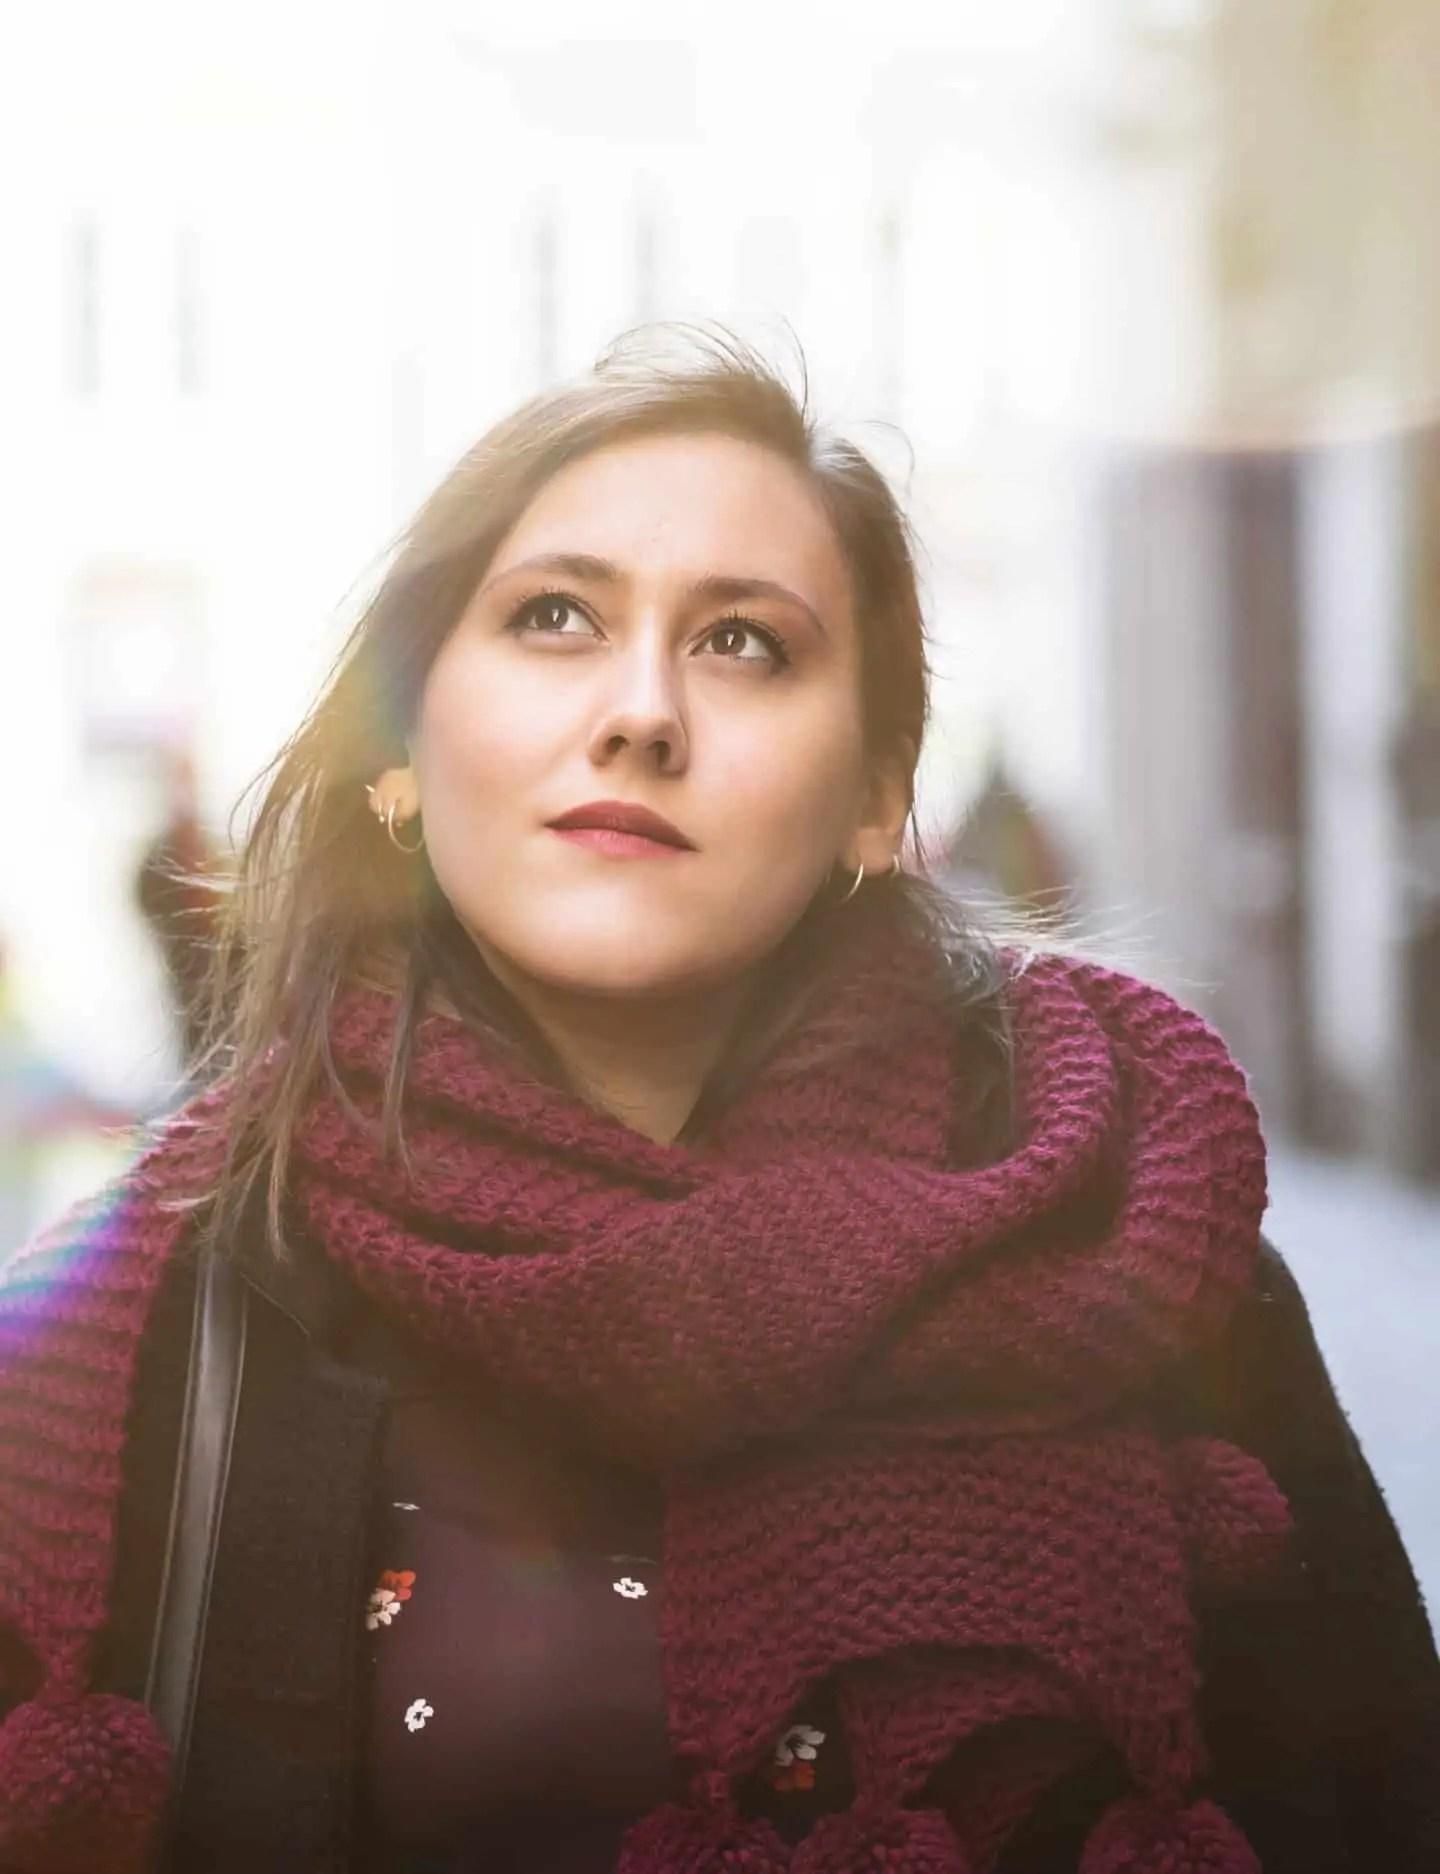 Plenerowa sesja zdjęciowa zdjęcie portretowe w mieście - dodana warstwa słońca